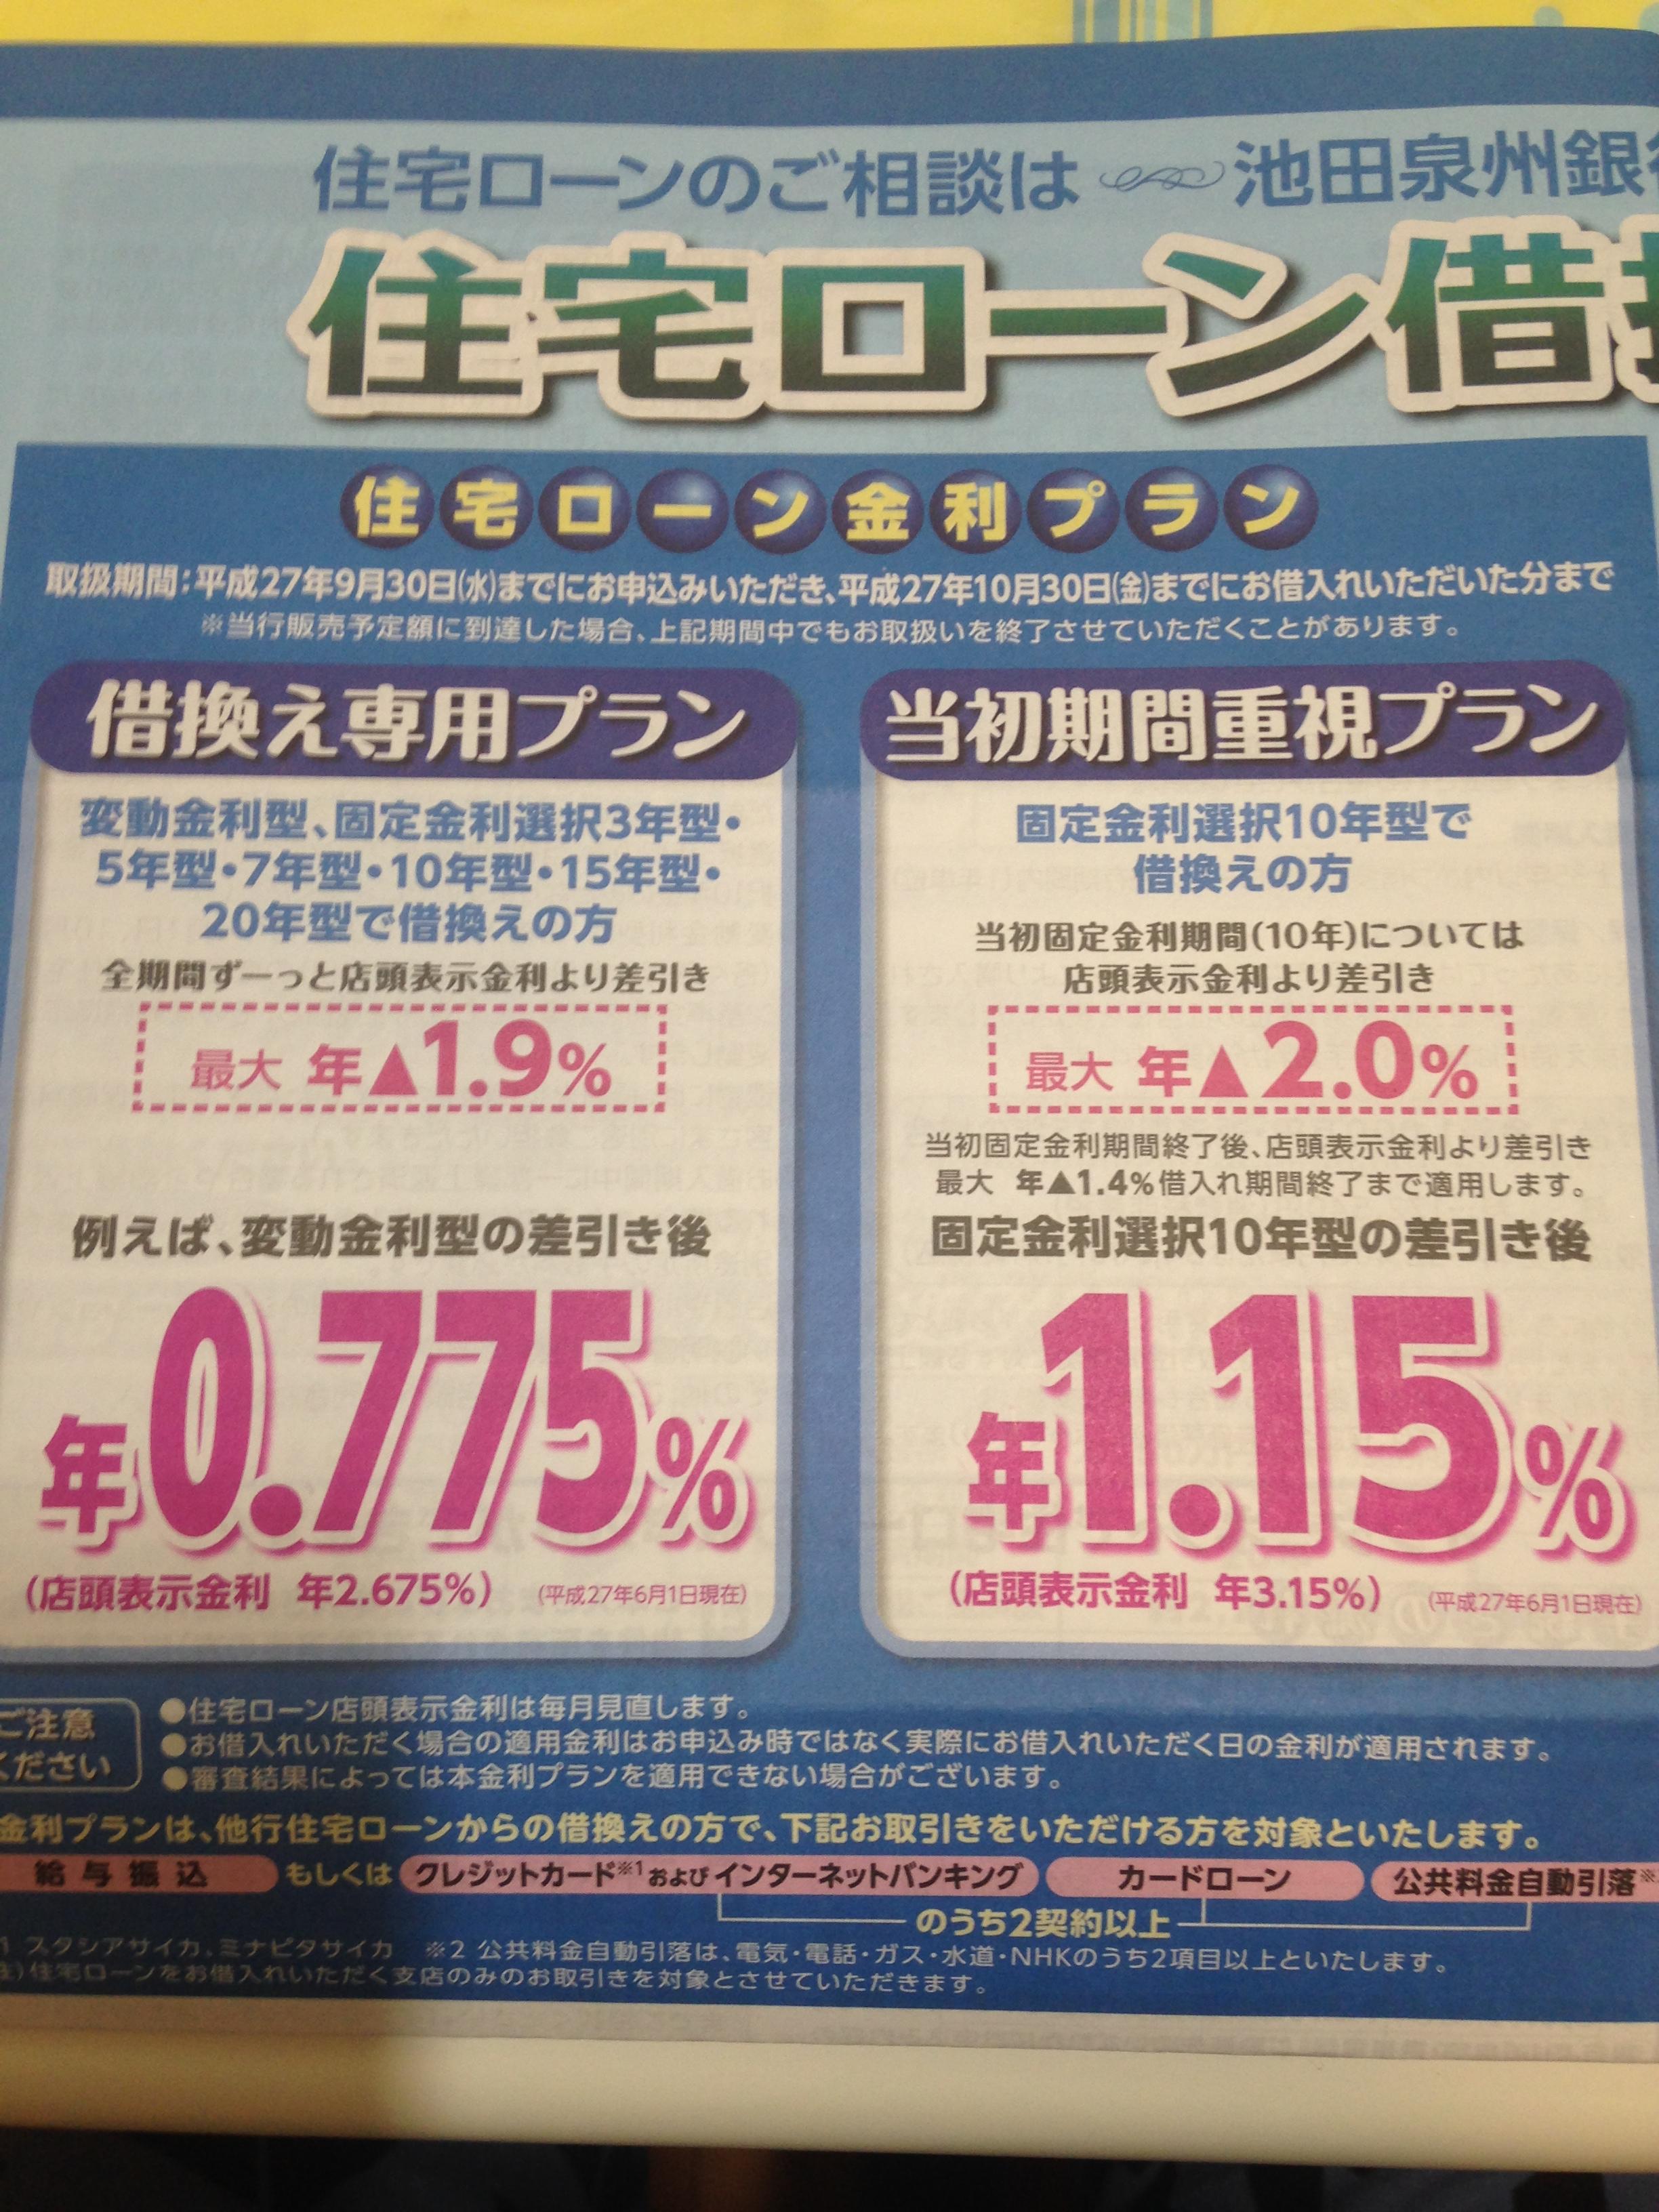 池田泉州銀行の住宅ローン借り換えチラシ